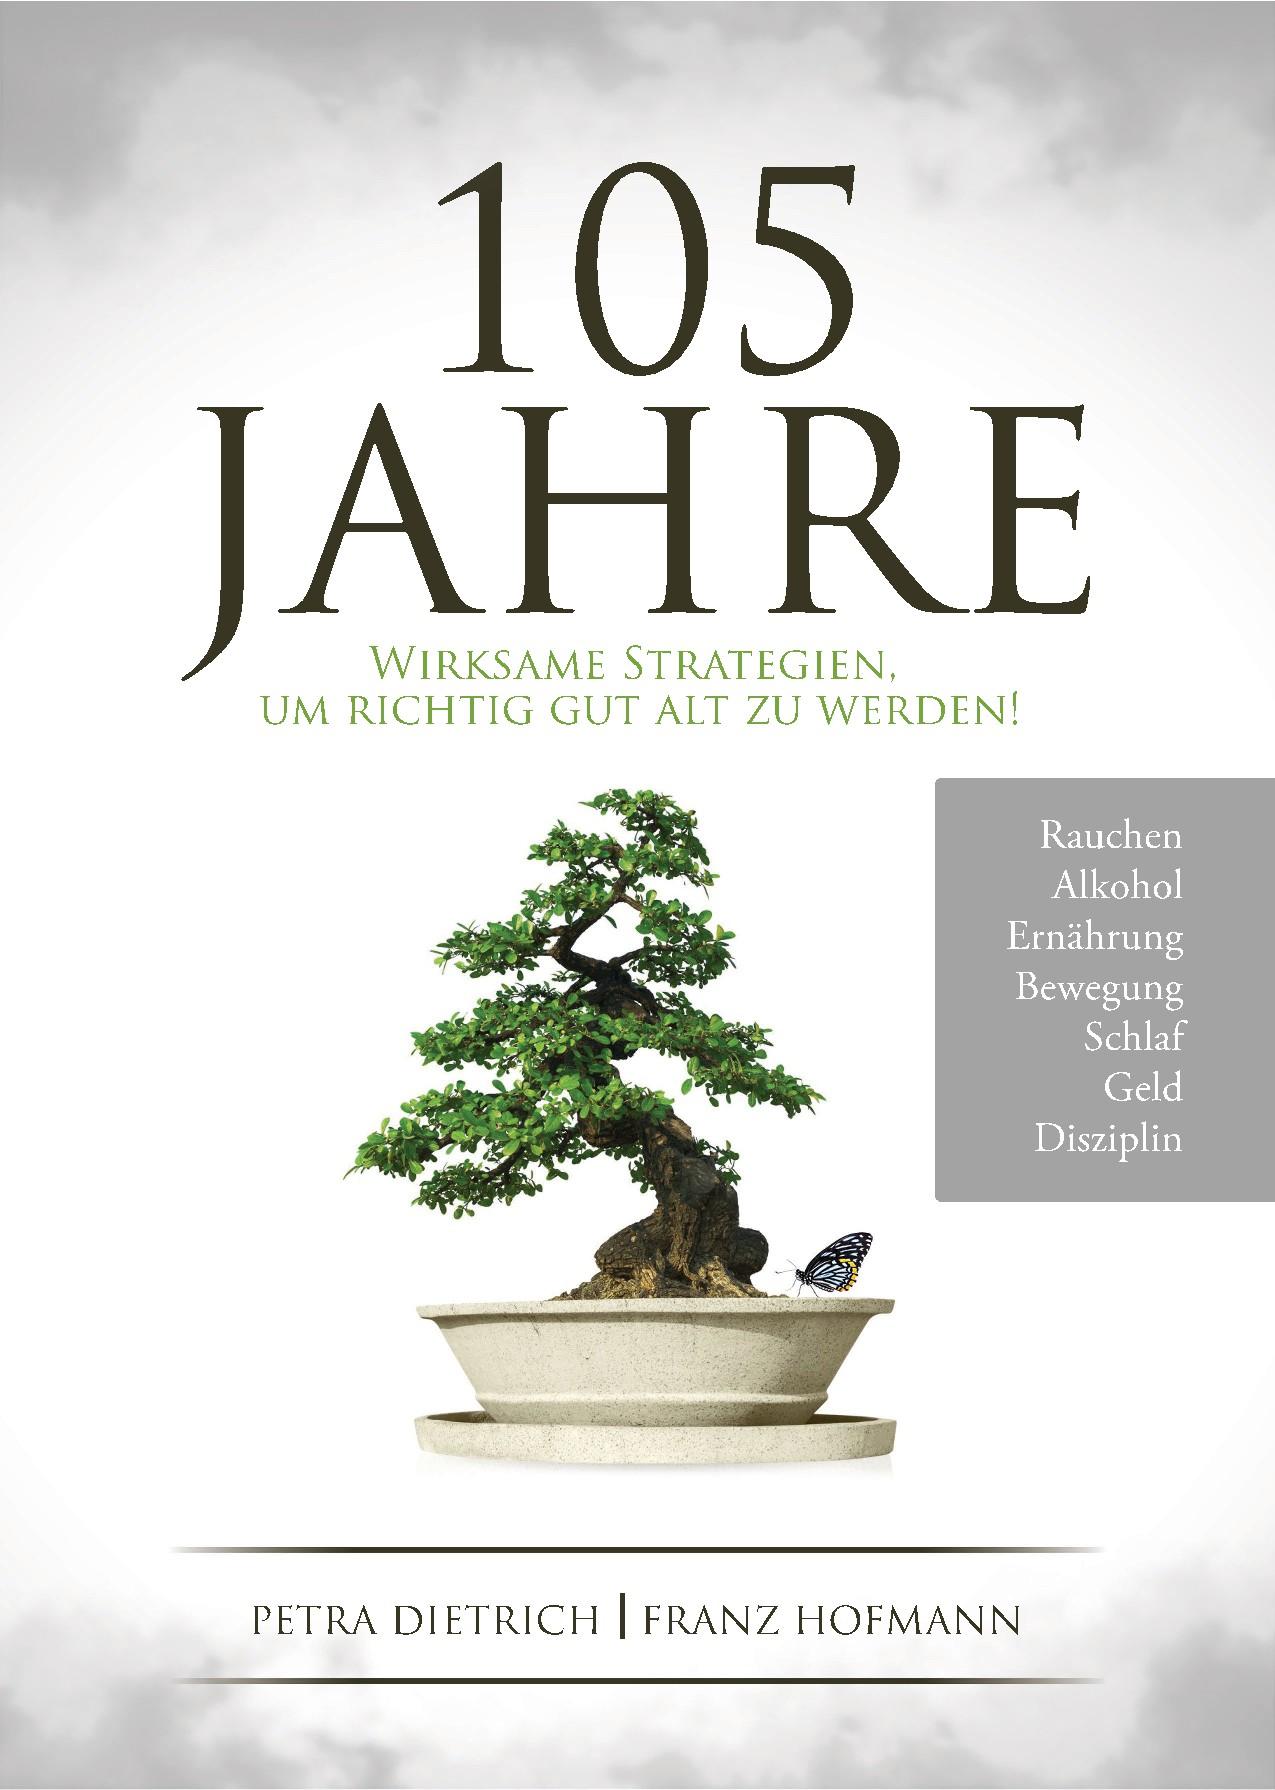 Ein Cover für 105 Jahre